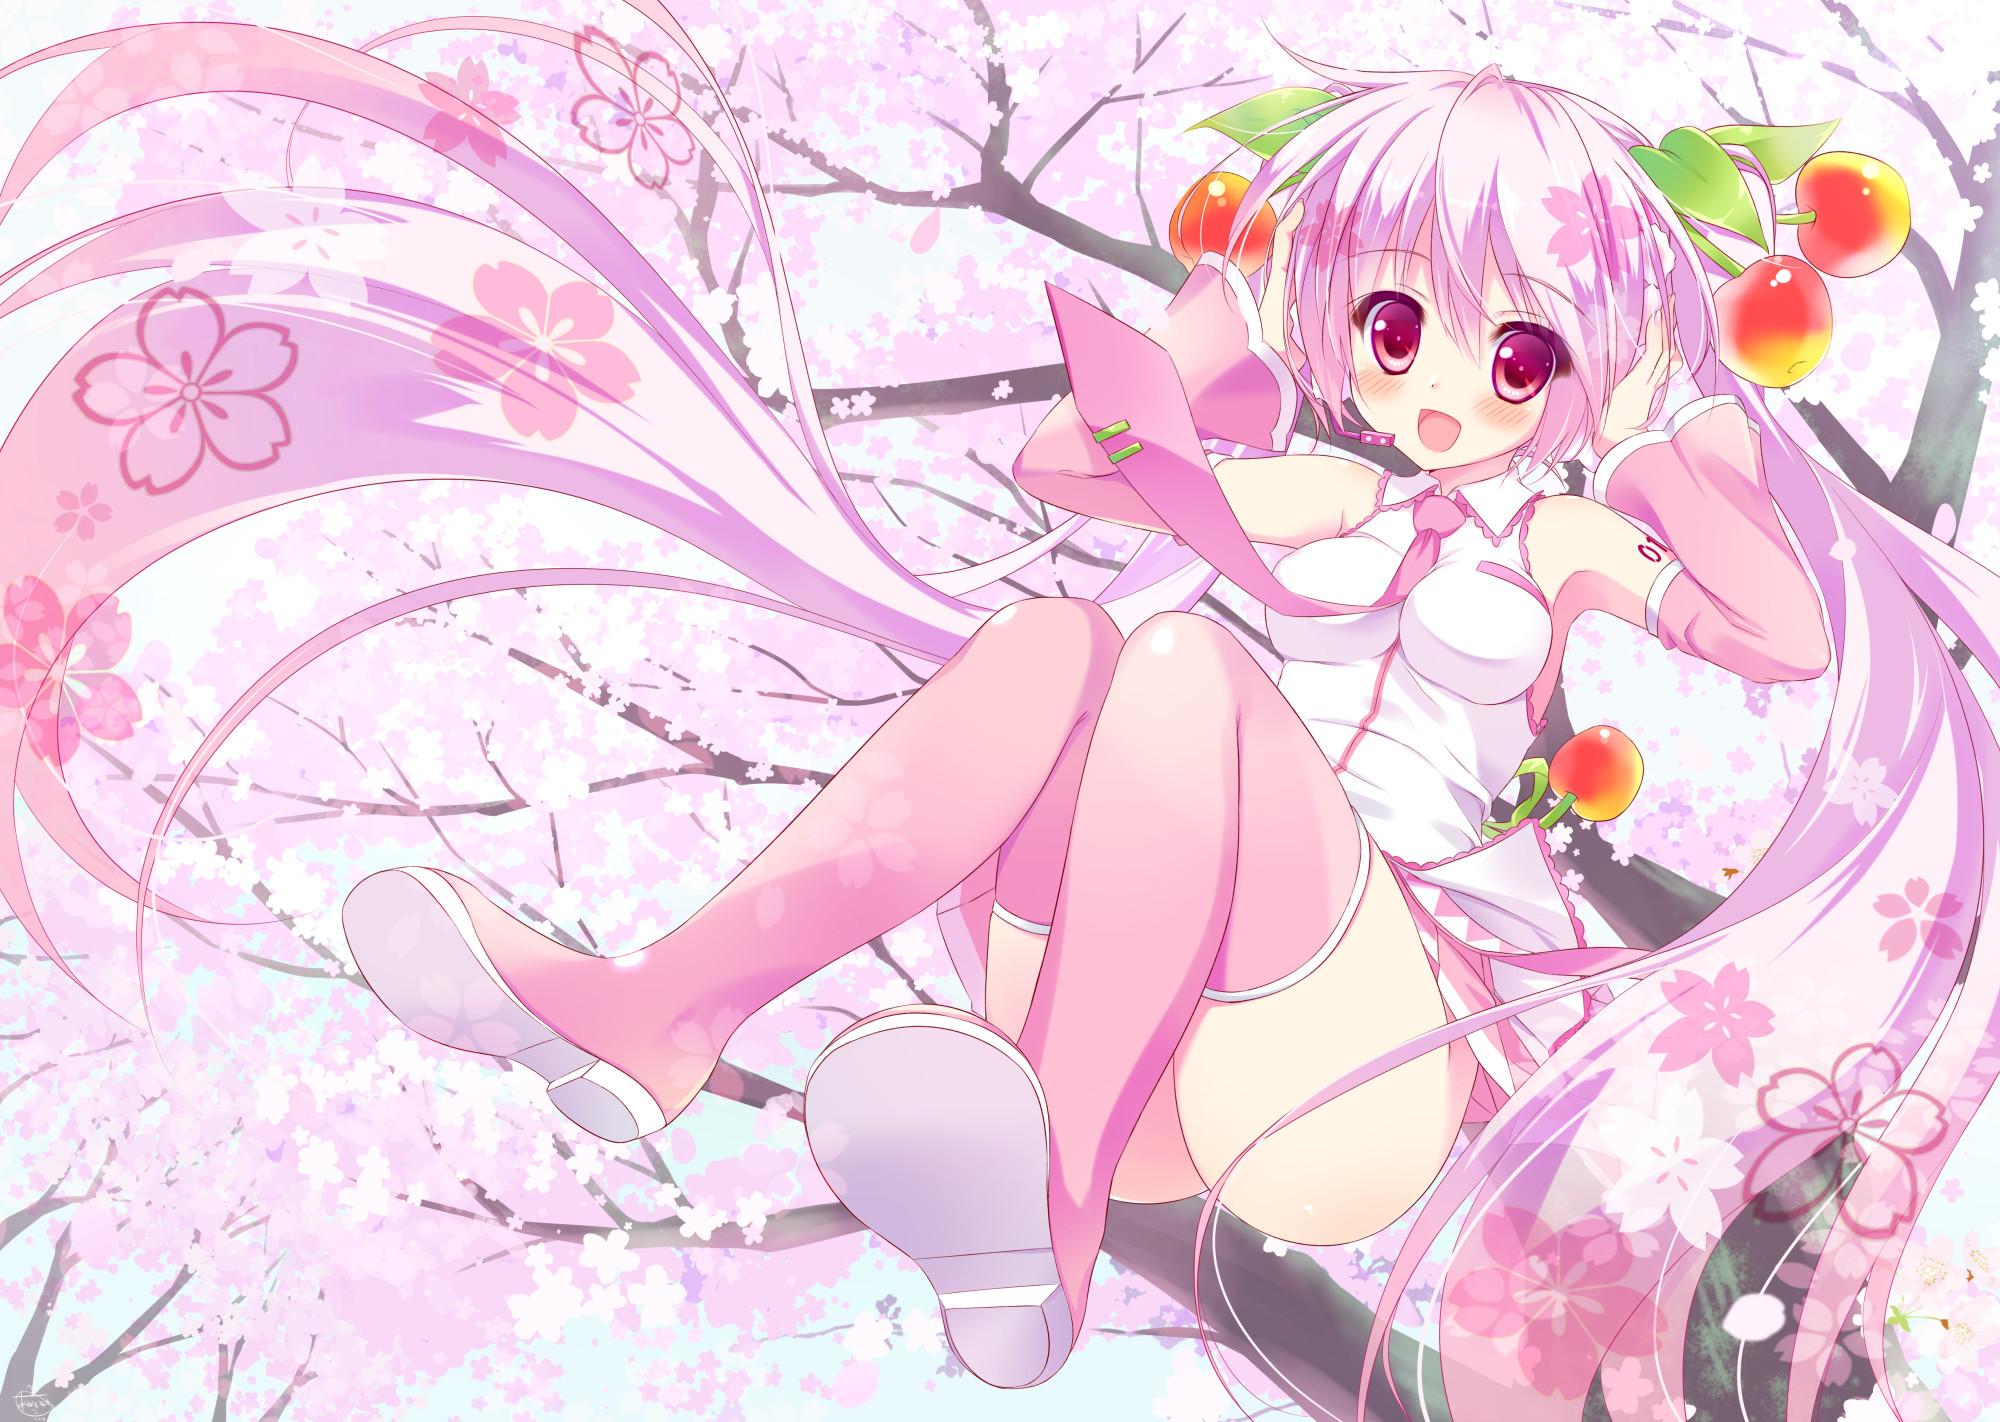 Kimono Anime Girl Android Wallpaper Sakura Miku Wallpapers 63 Images